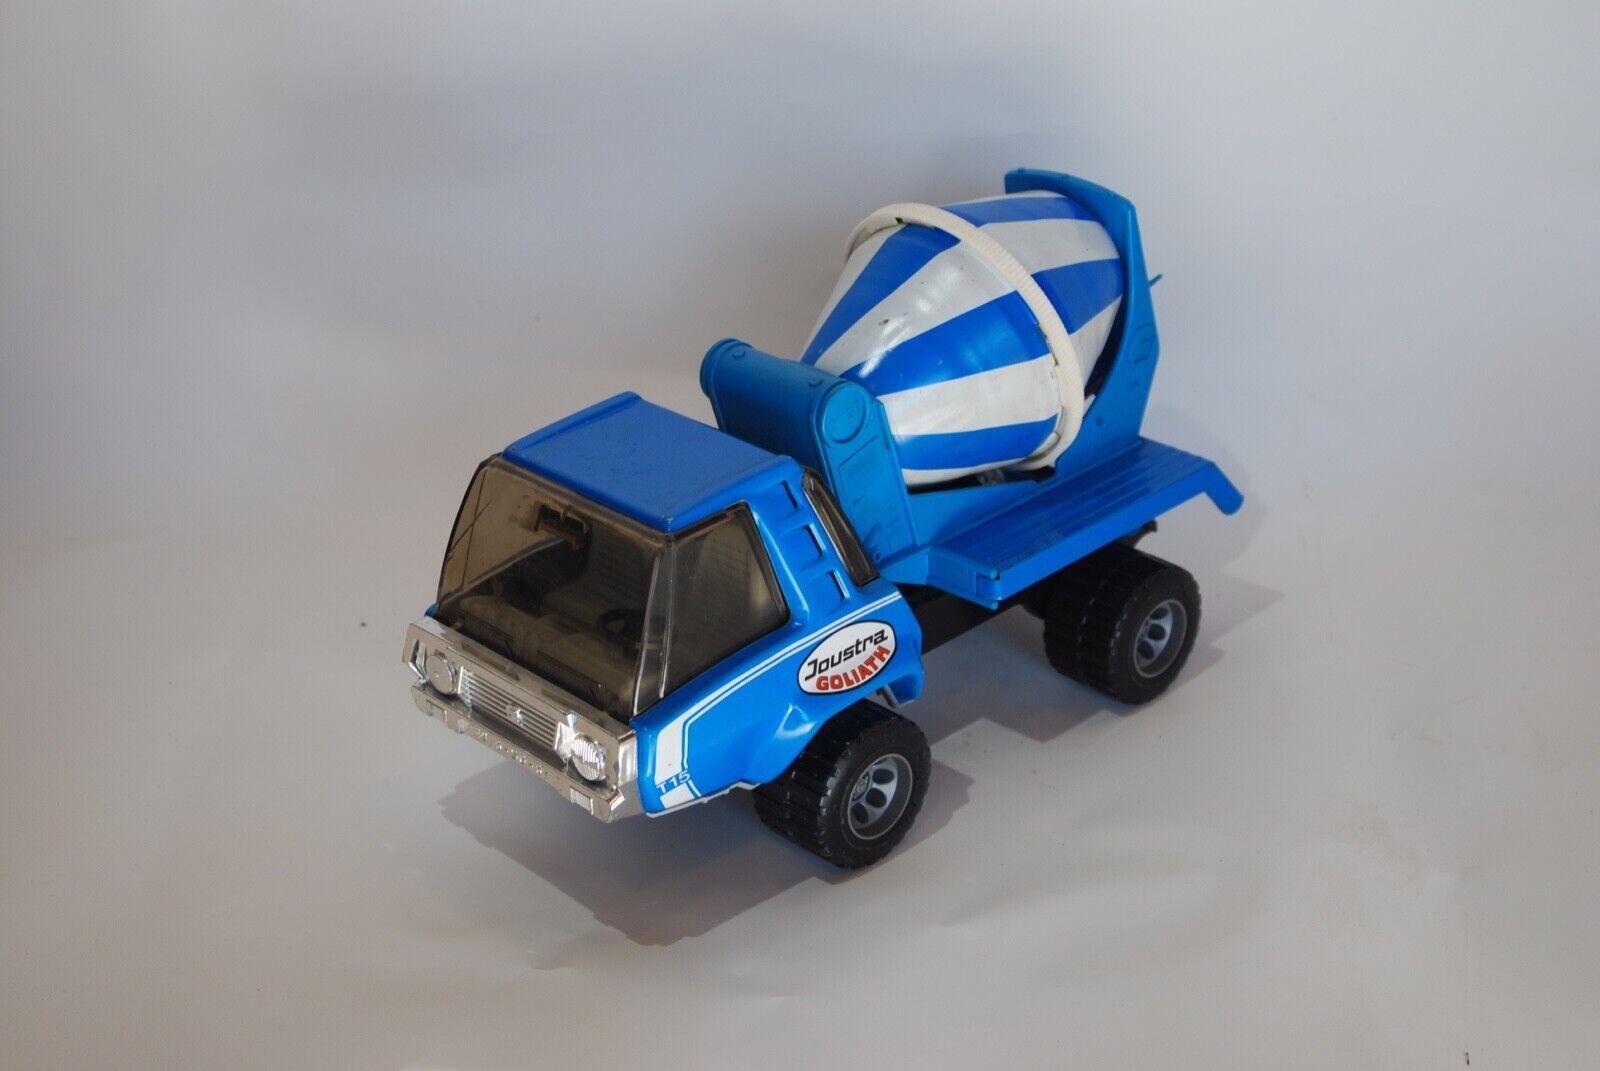 Joustra Goliath T15 Camión Bicone Cemento Azul Vintage